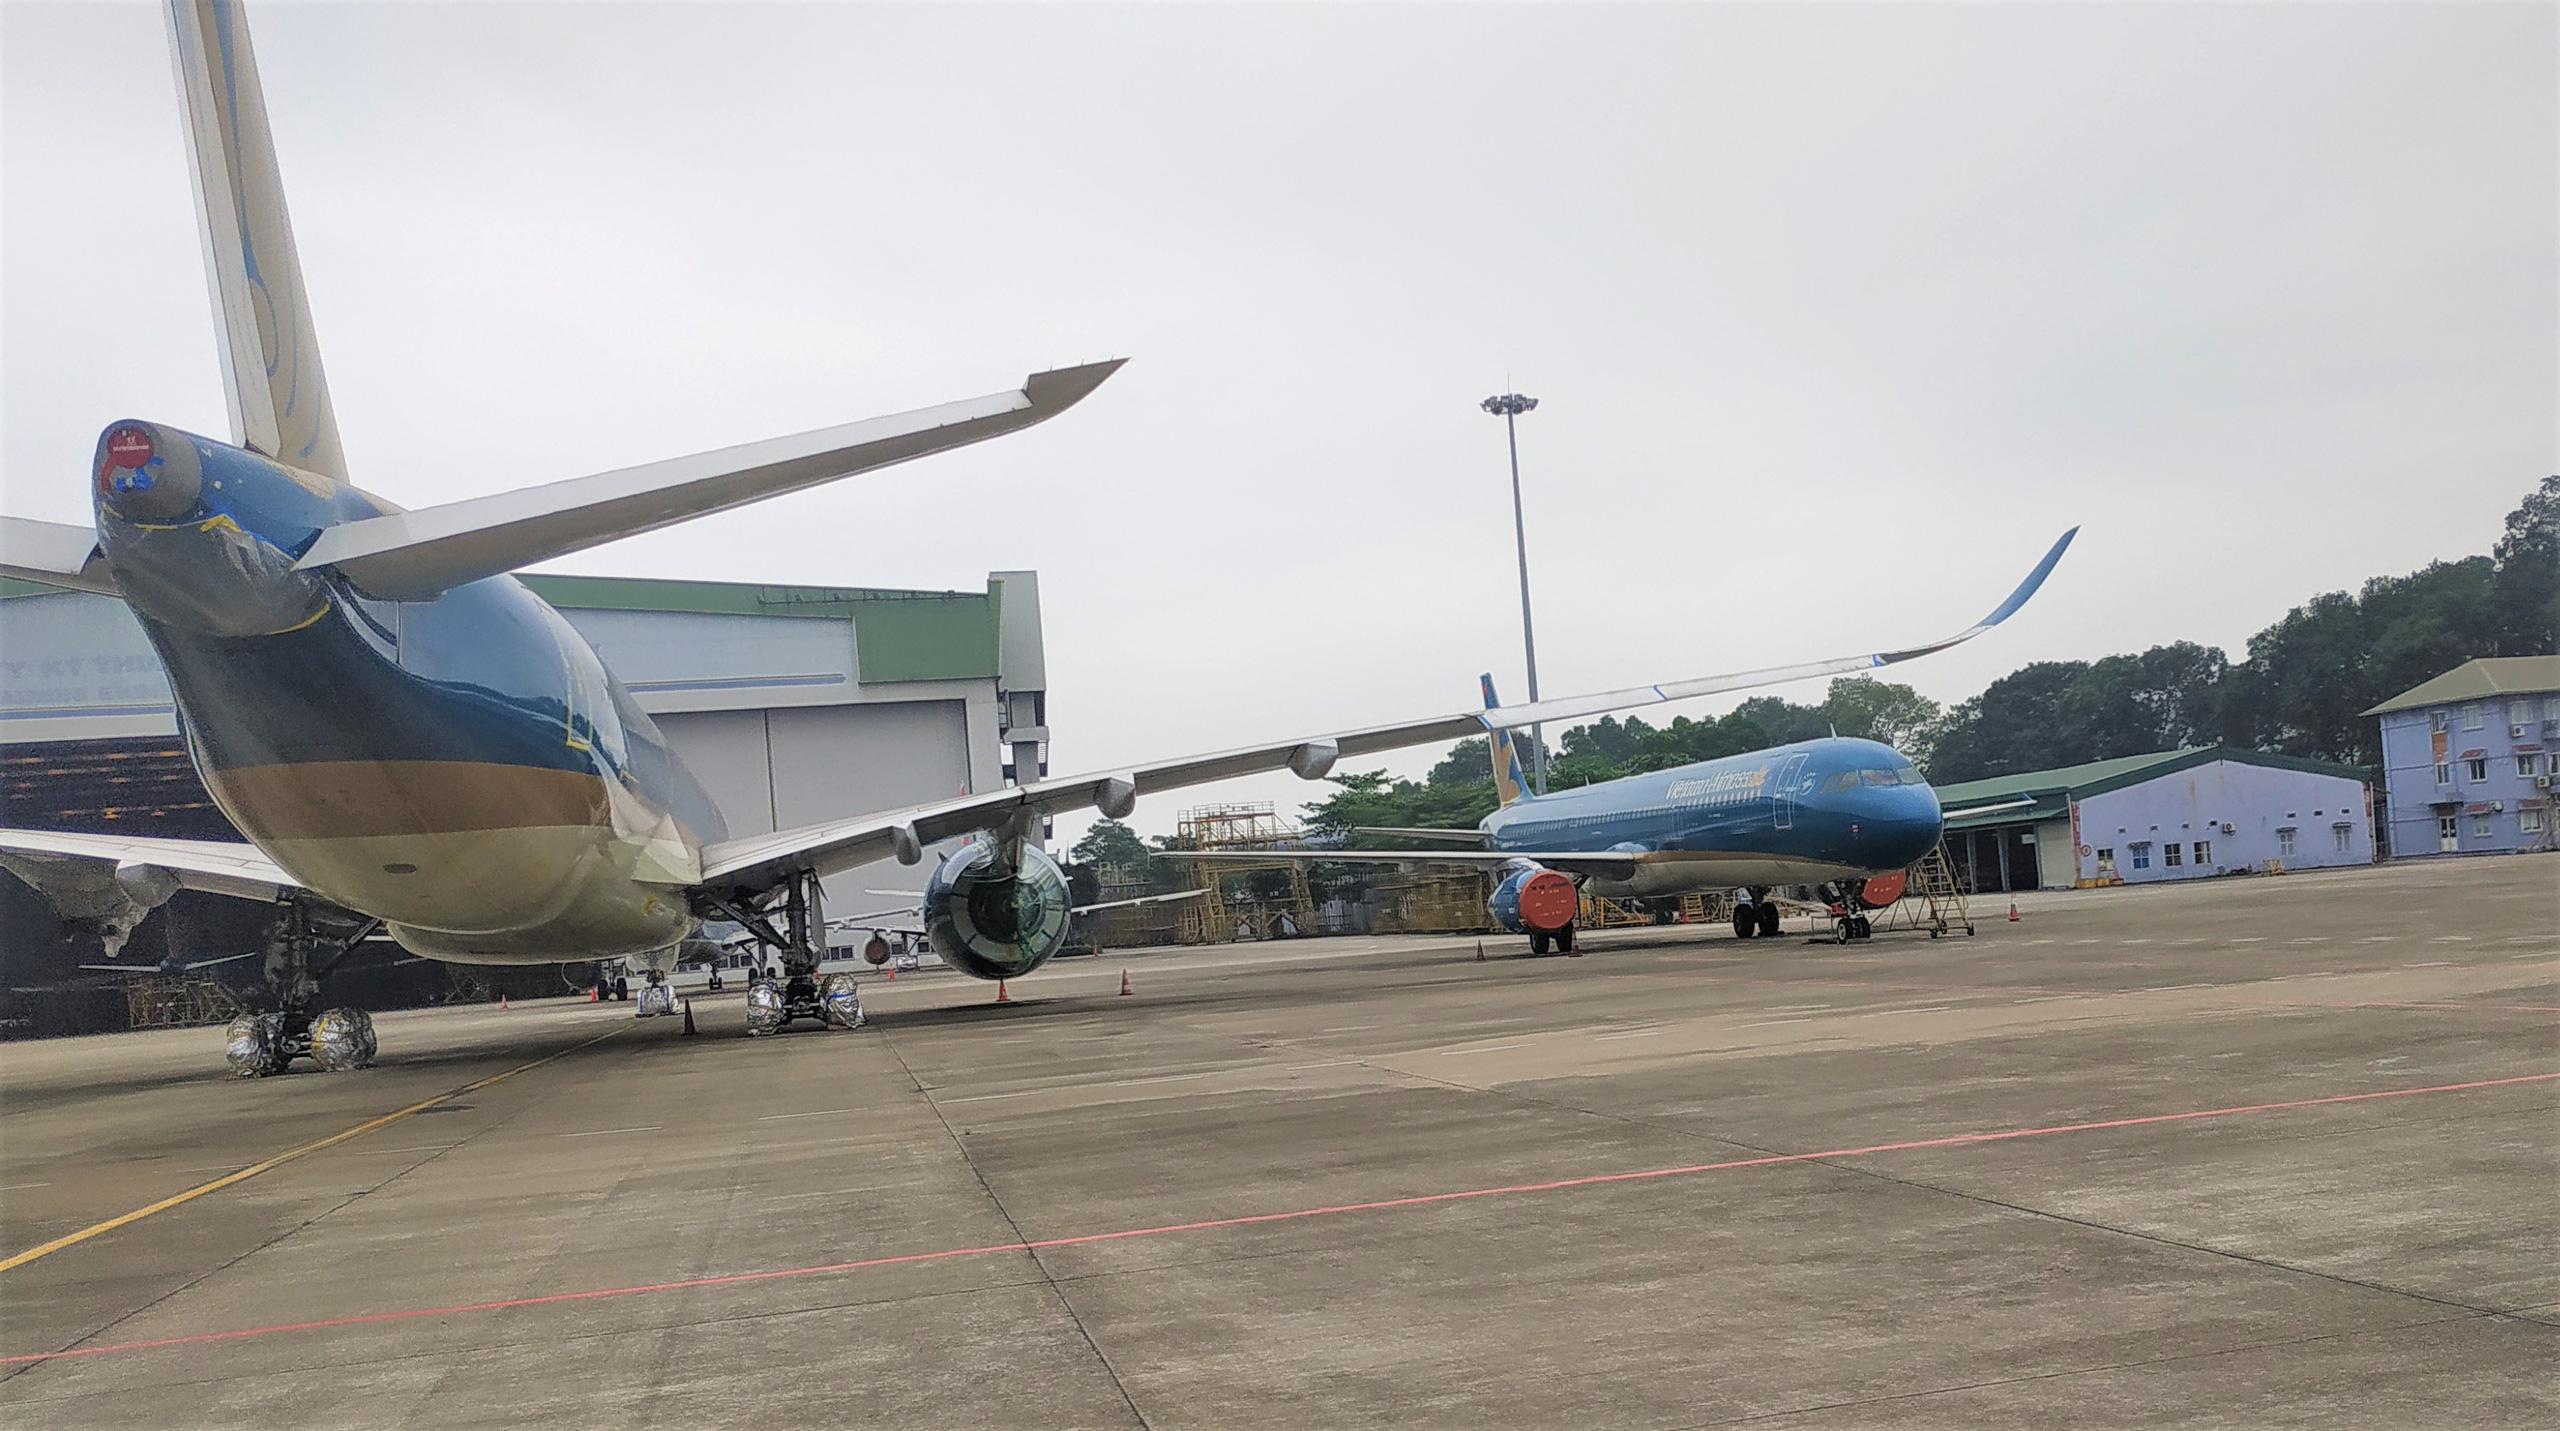 Vietnam Airlines âm vốn chủ sở hữu 2.570 tỷ đồng - Ảnh 1.